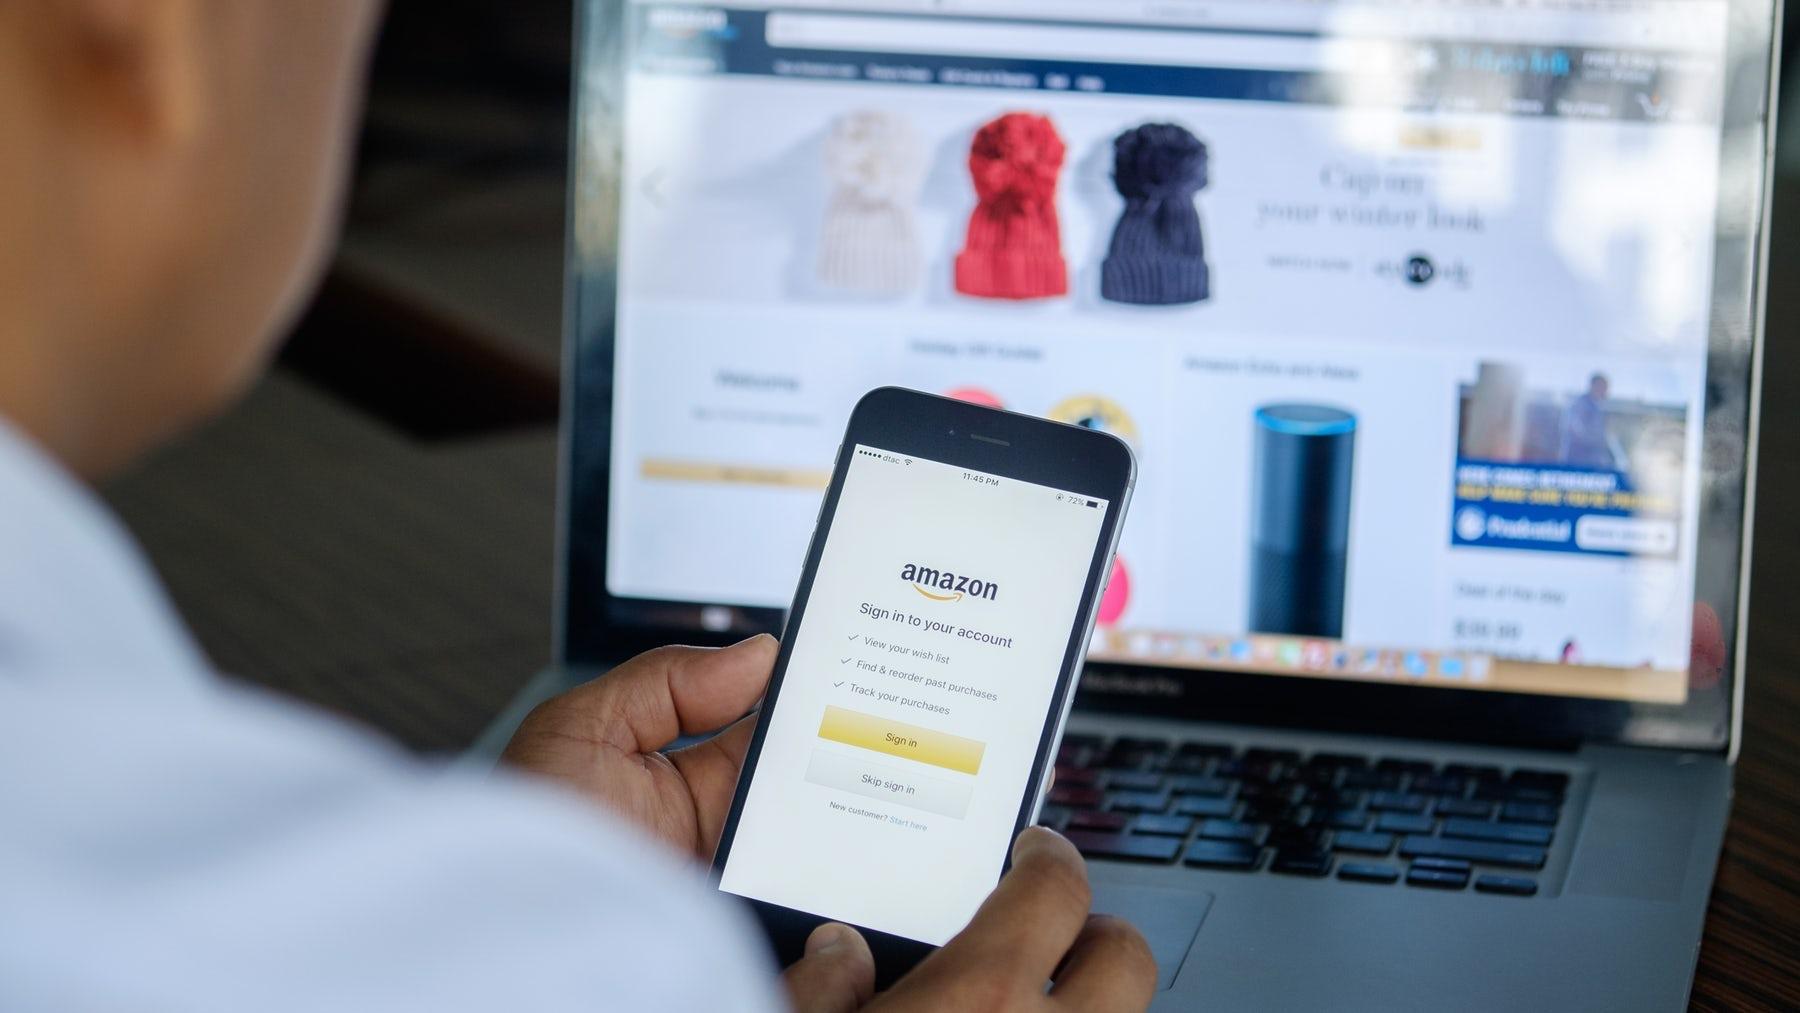 Amazon has won a court battle over Ambani's $3.4 billion retail deal. Shutterstock.